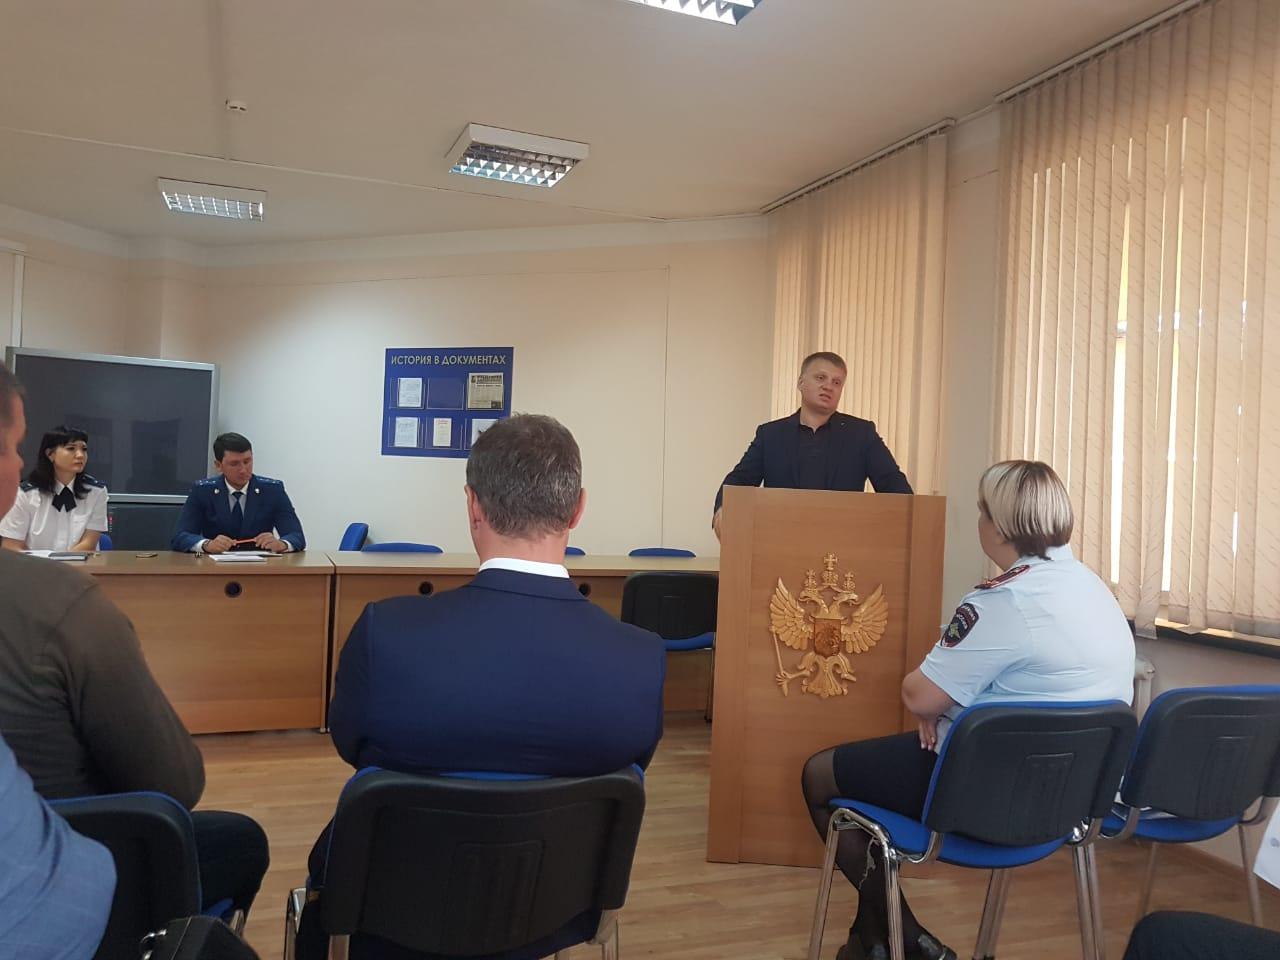 20 июня 2019 года состоялось заседание Совета по защите малого и среднего бизнеса при Уссурийской городской прокуратуре.